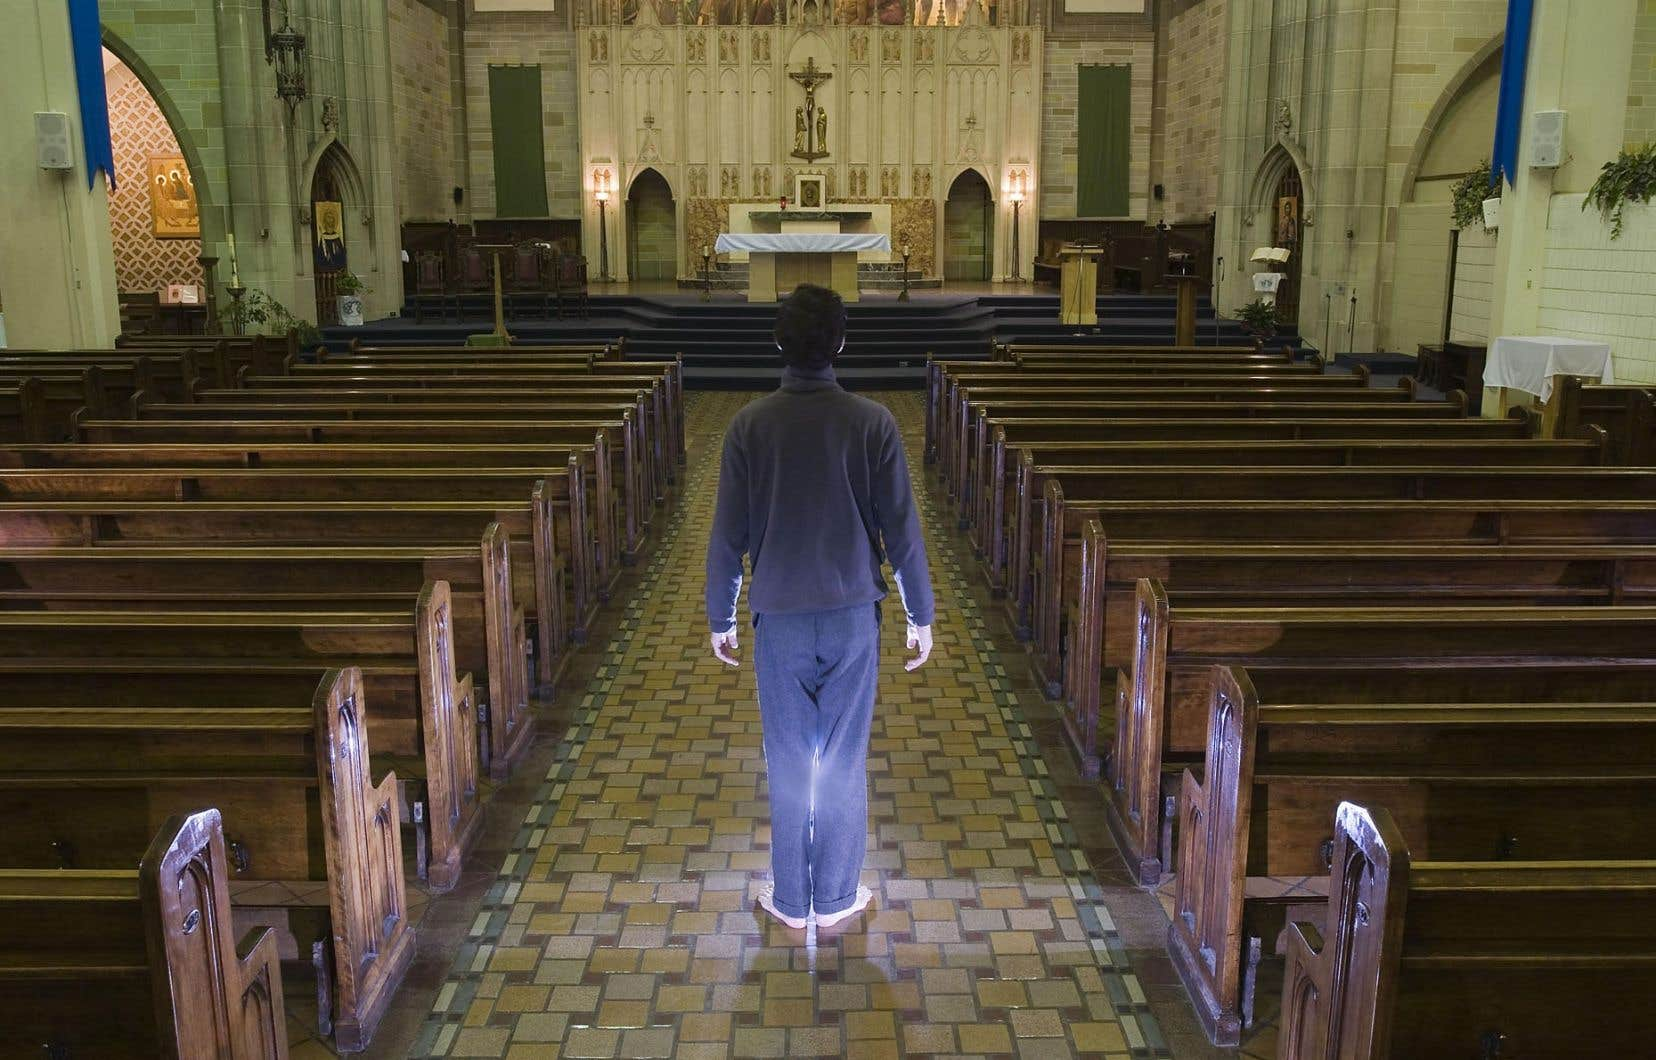 La reconnaissance des particularismes des minorités religieuses avec les accommodements religieux [...] a ouvert la porte à un retour à un certain catholicisme revendicateur et revanchard.